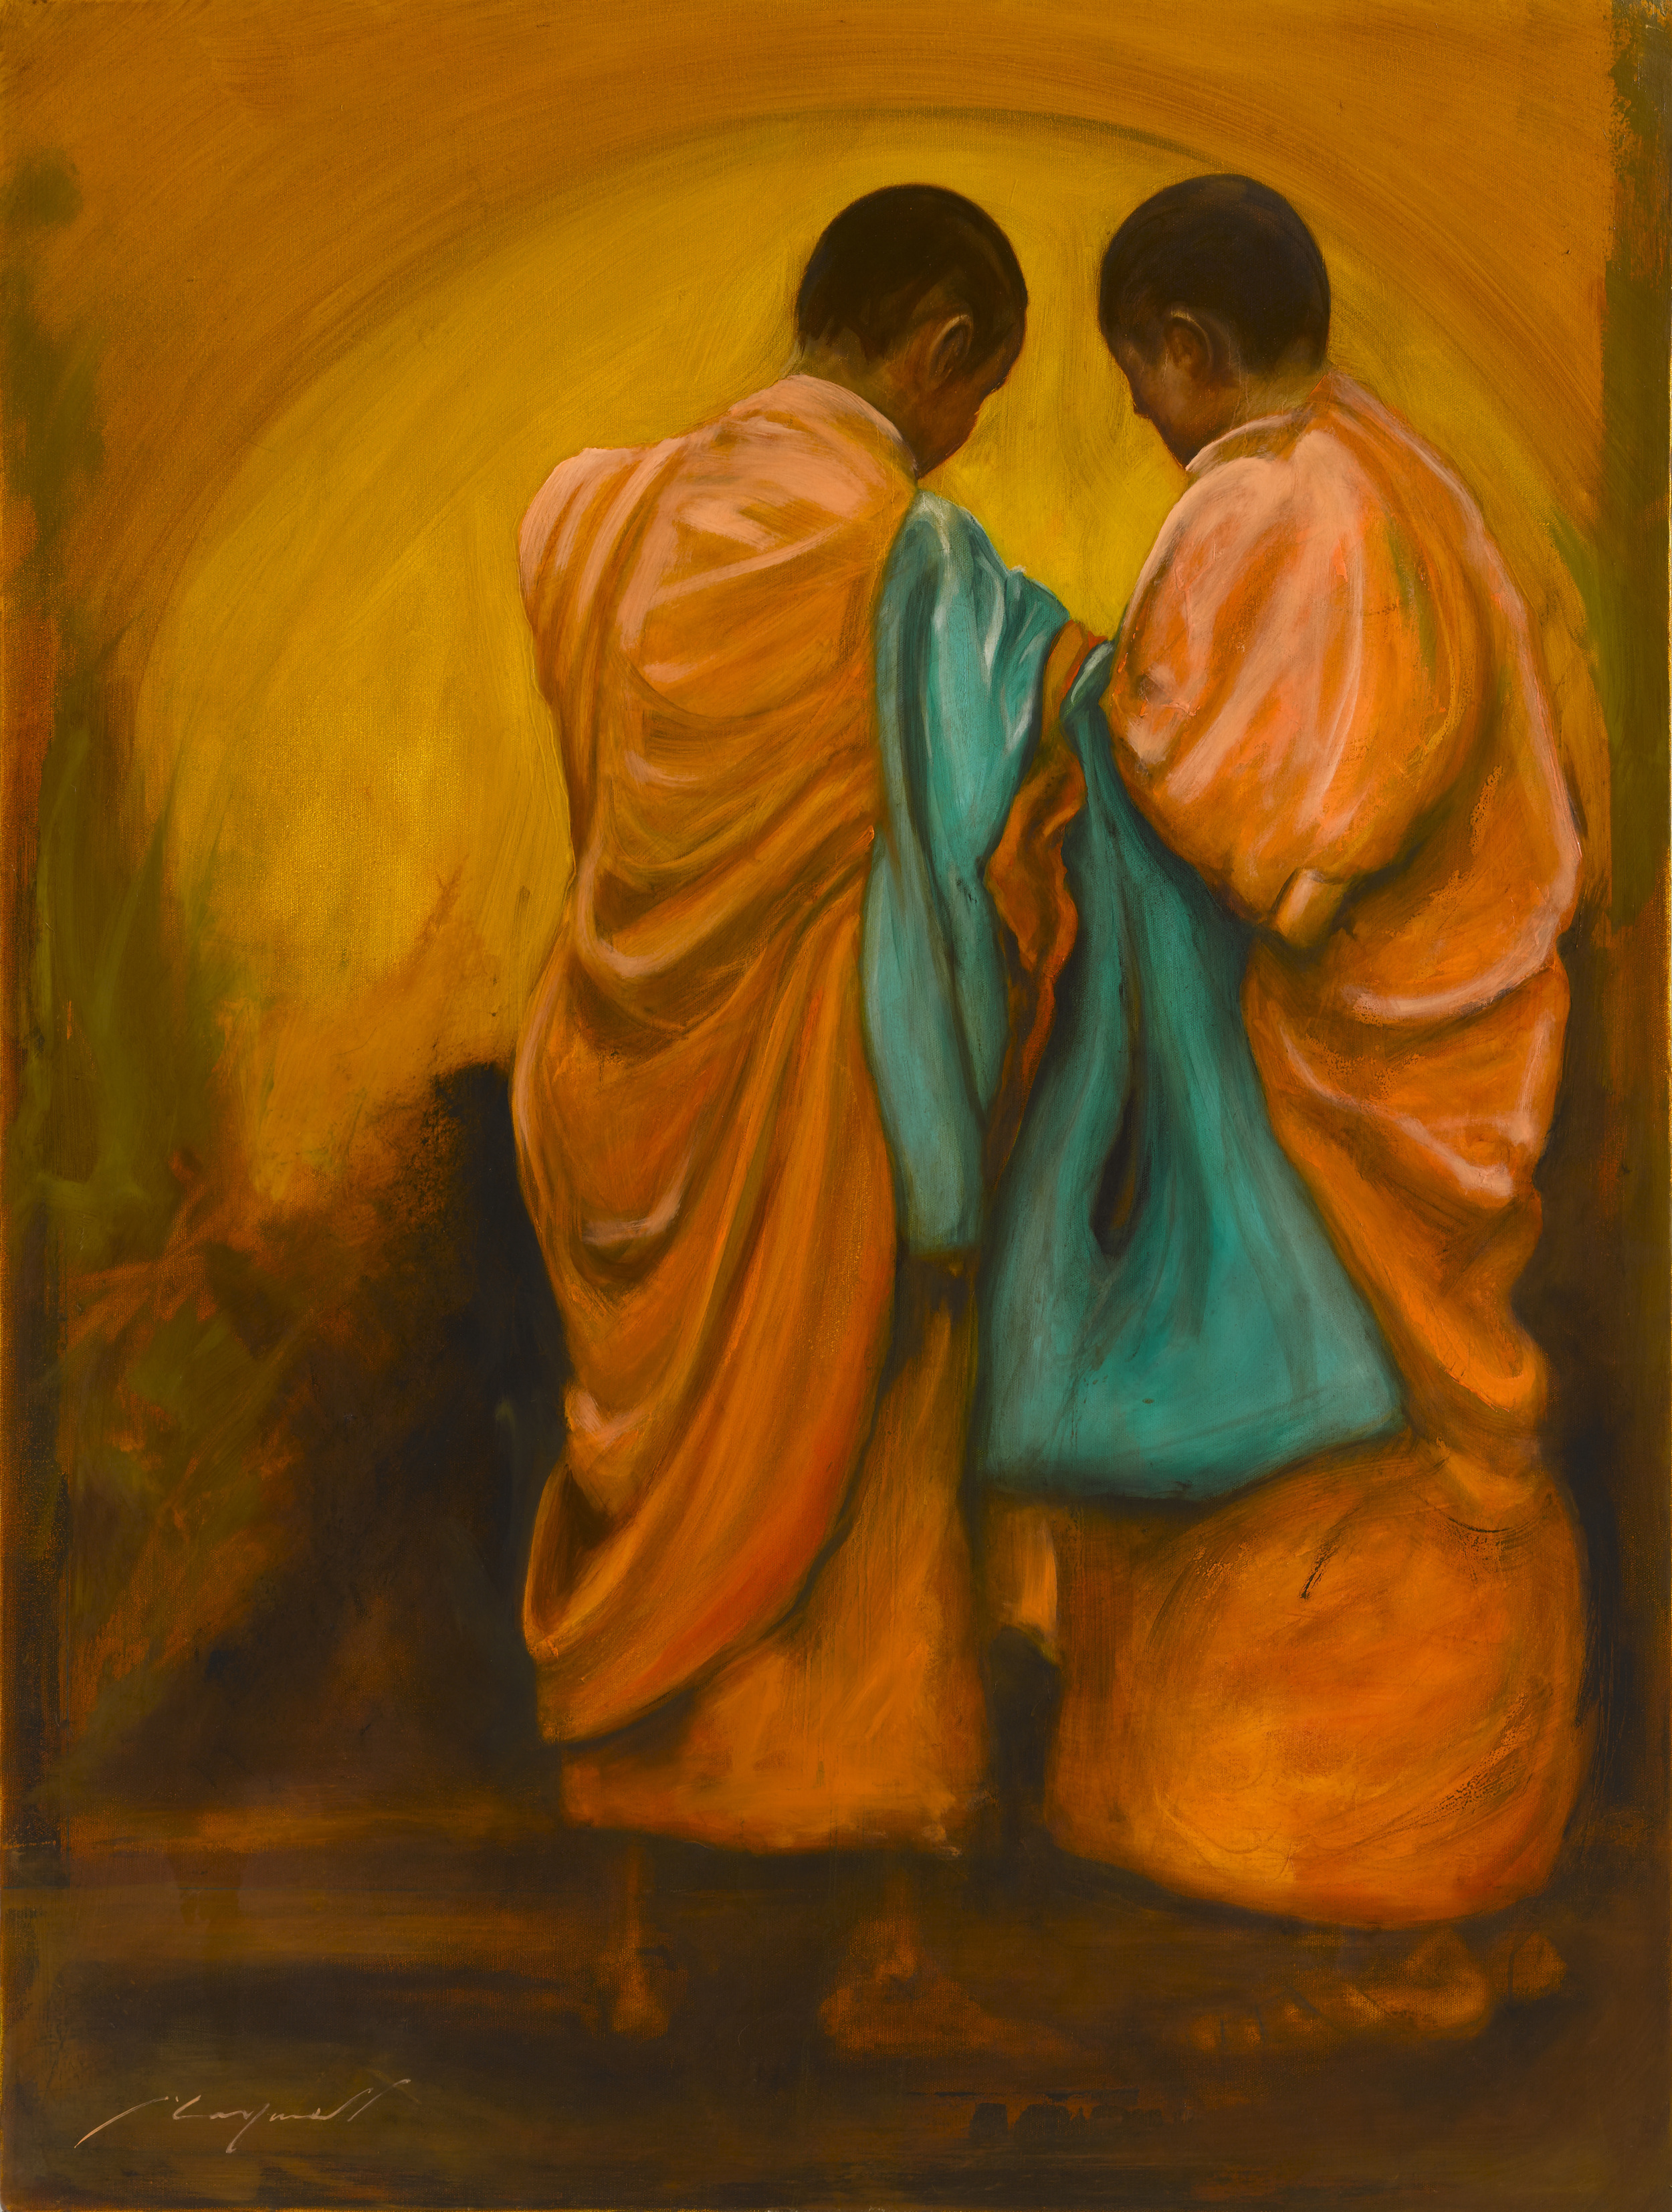 Monks Shauna Valentine collection